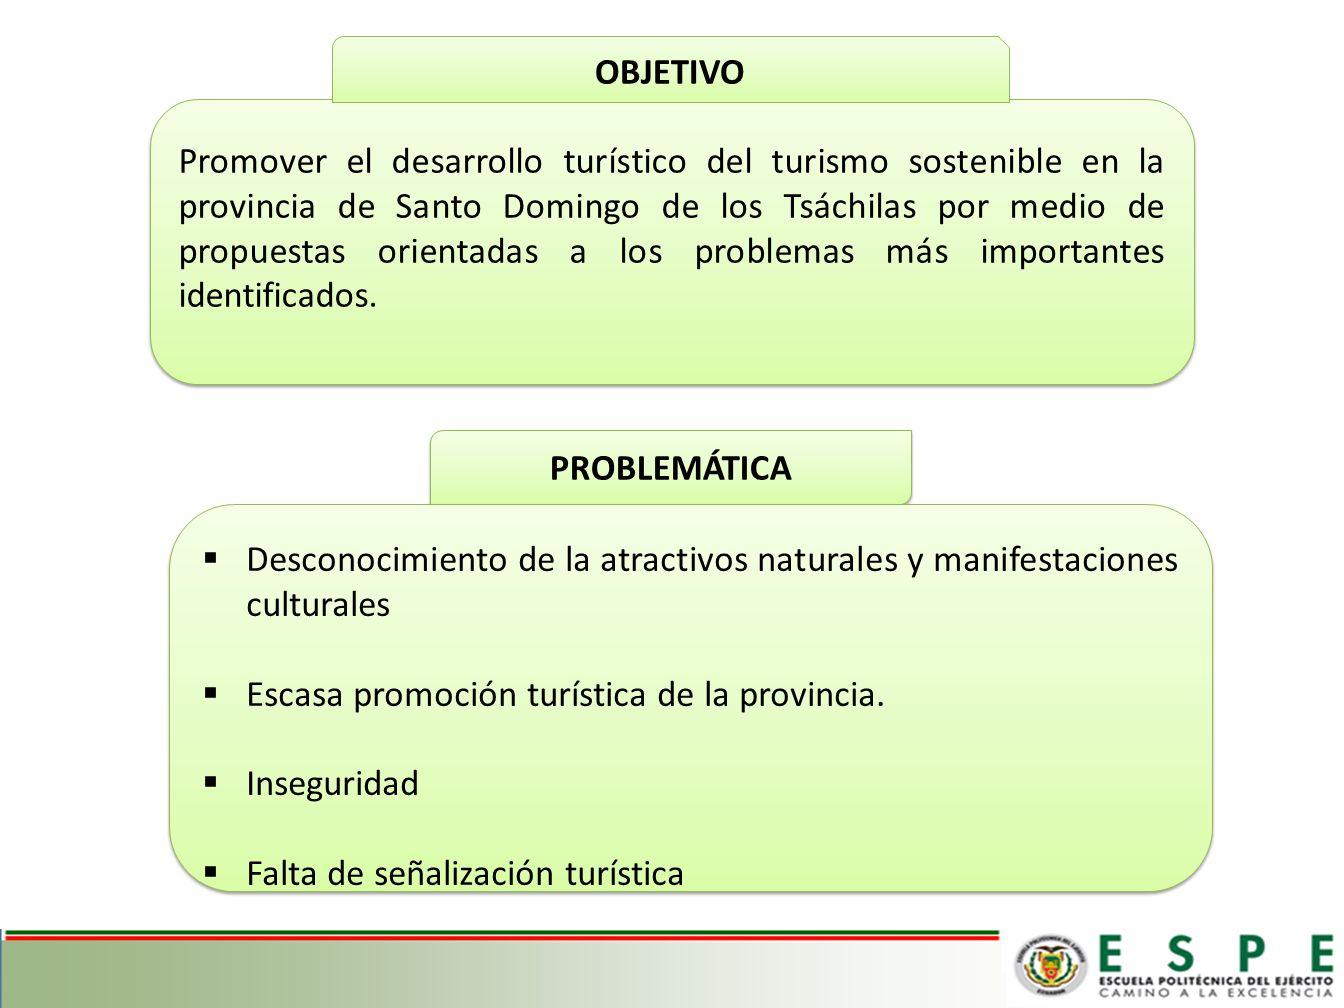 ASPECTOS GENERALES DE LA PROVINCIA DE SANTO DOMINGO DE LOS TSÁCHILAS PARA EL DESARROLLO TURÍSTICO HISTORIA PARROQUIALIZACIÓN 29 DE MAYO DE 1861 CANTONIZACIÓN 3 DE JULIO DE 1967 PROVINCIALIZACIÓN 6 DE NOVIEMBRE 2007 ACTIVIDAD ECONÓMICA TURISMO AGRICULTURA Y GANADERÍA SILVICULTURA INDUSTRIA BANCA